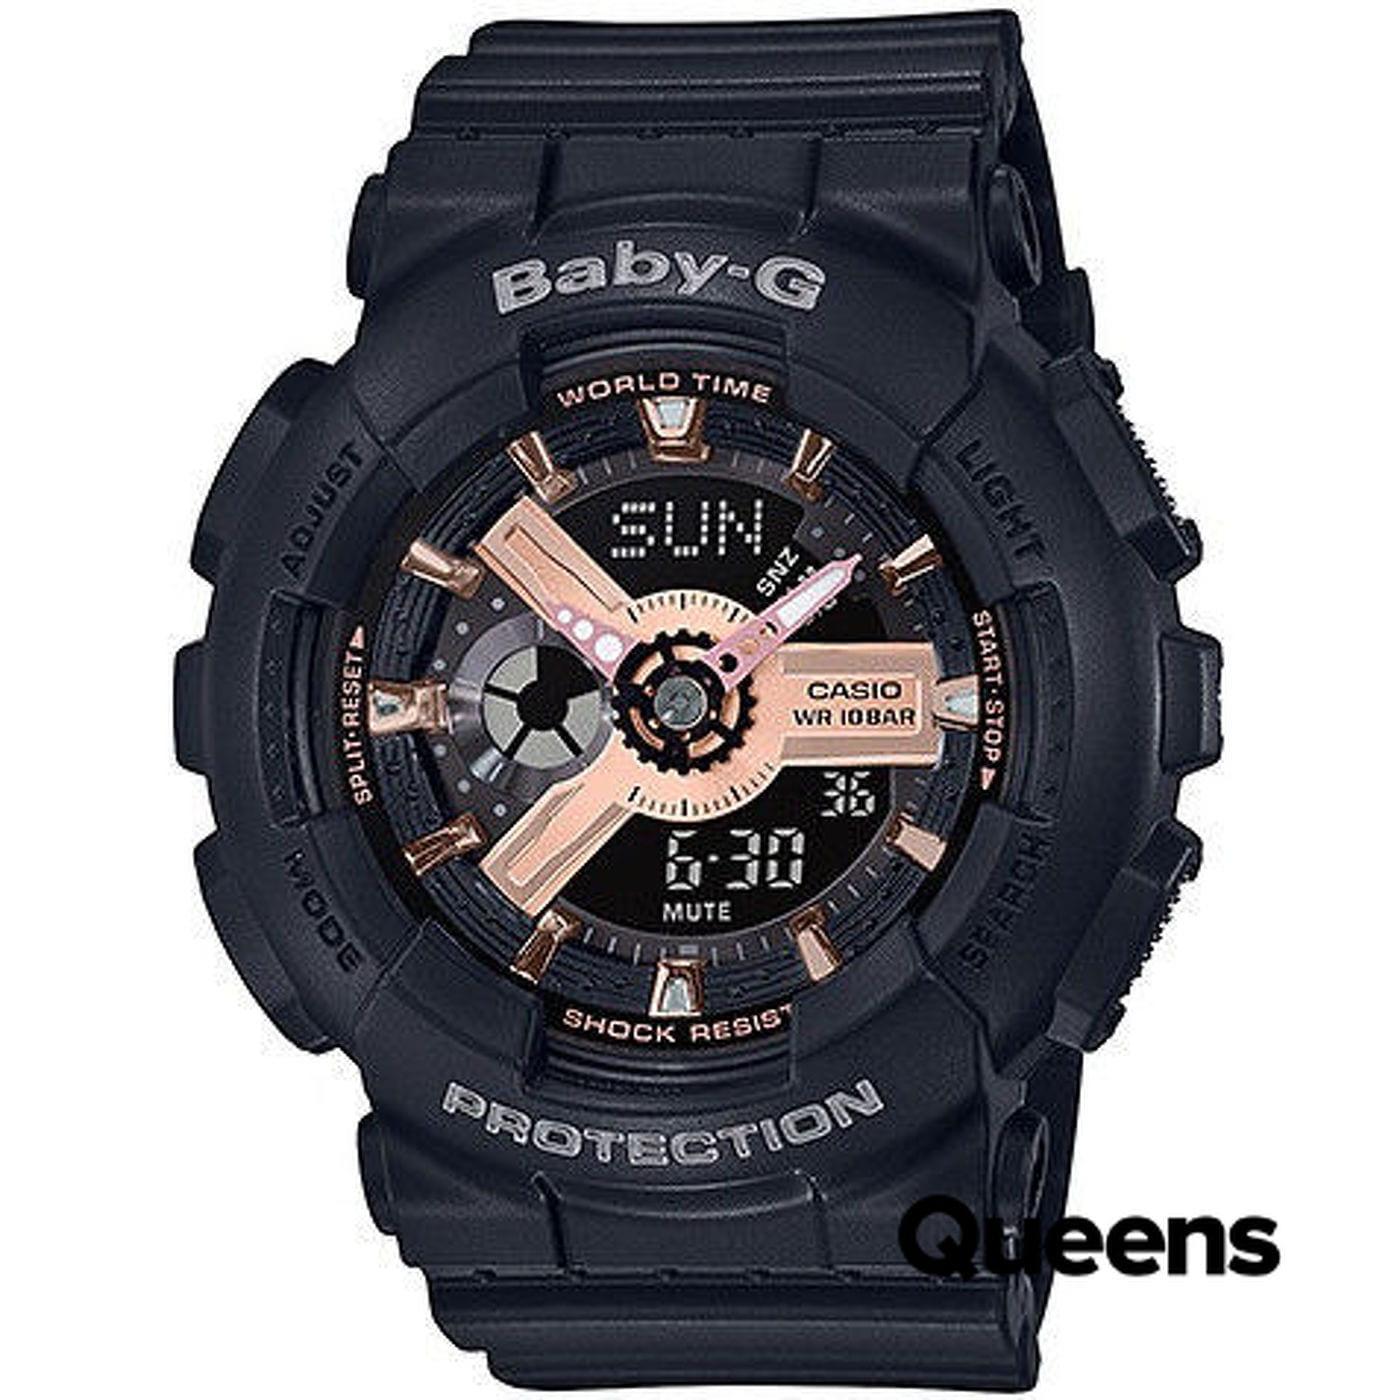 Casio Baby-G BA 110RG-1AER black